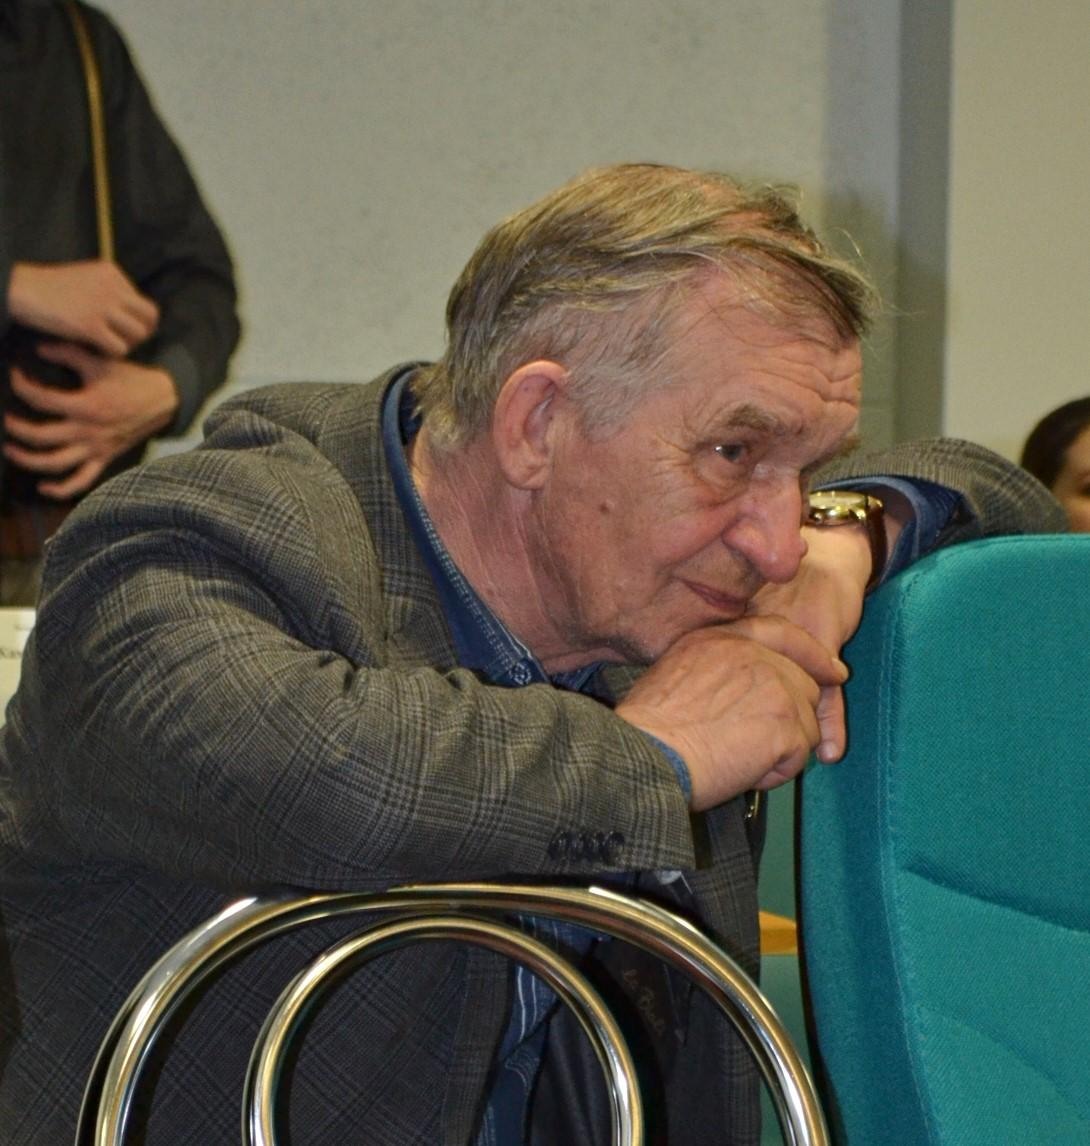 Лирическому поэту Герасиму Иванцову всегда интересно послушать коллегу-поэта. Фото: Александр Поскребышев